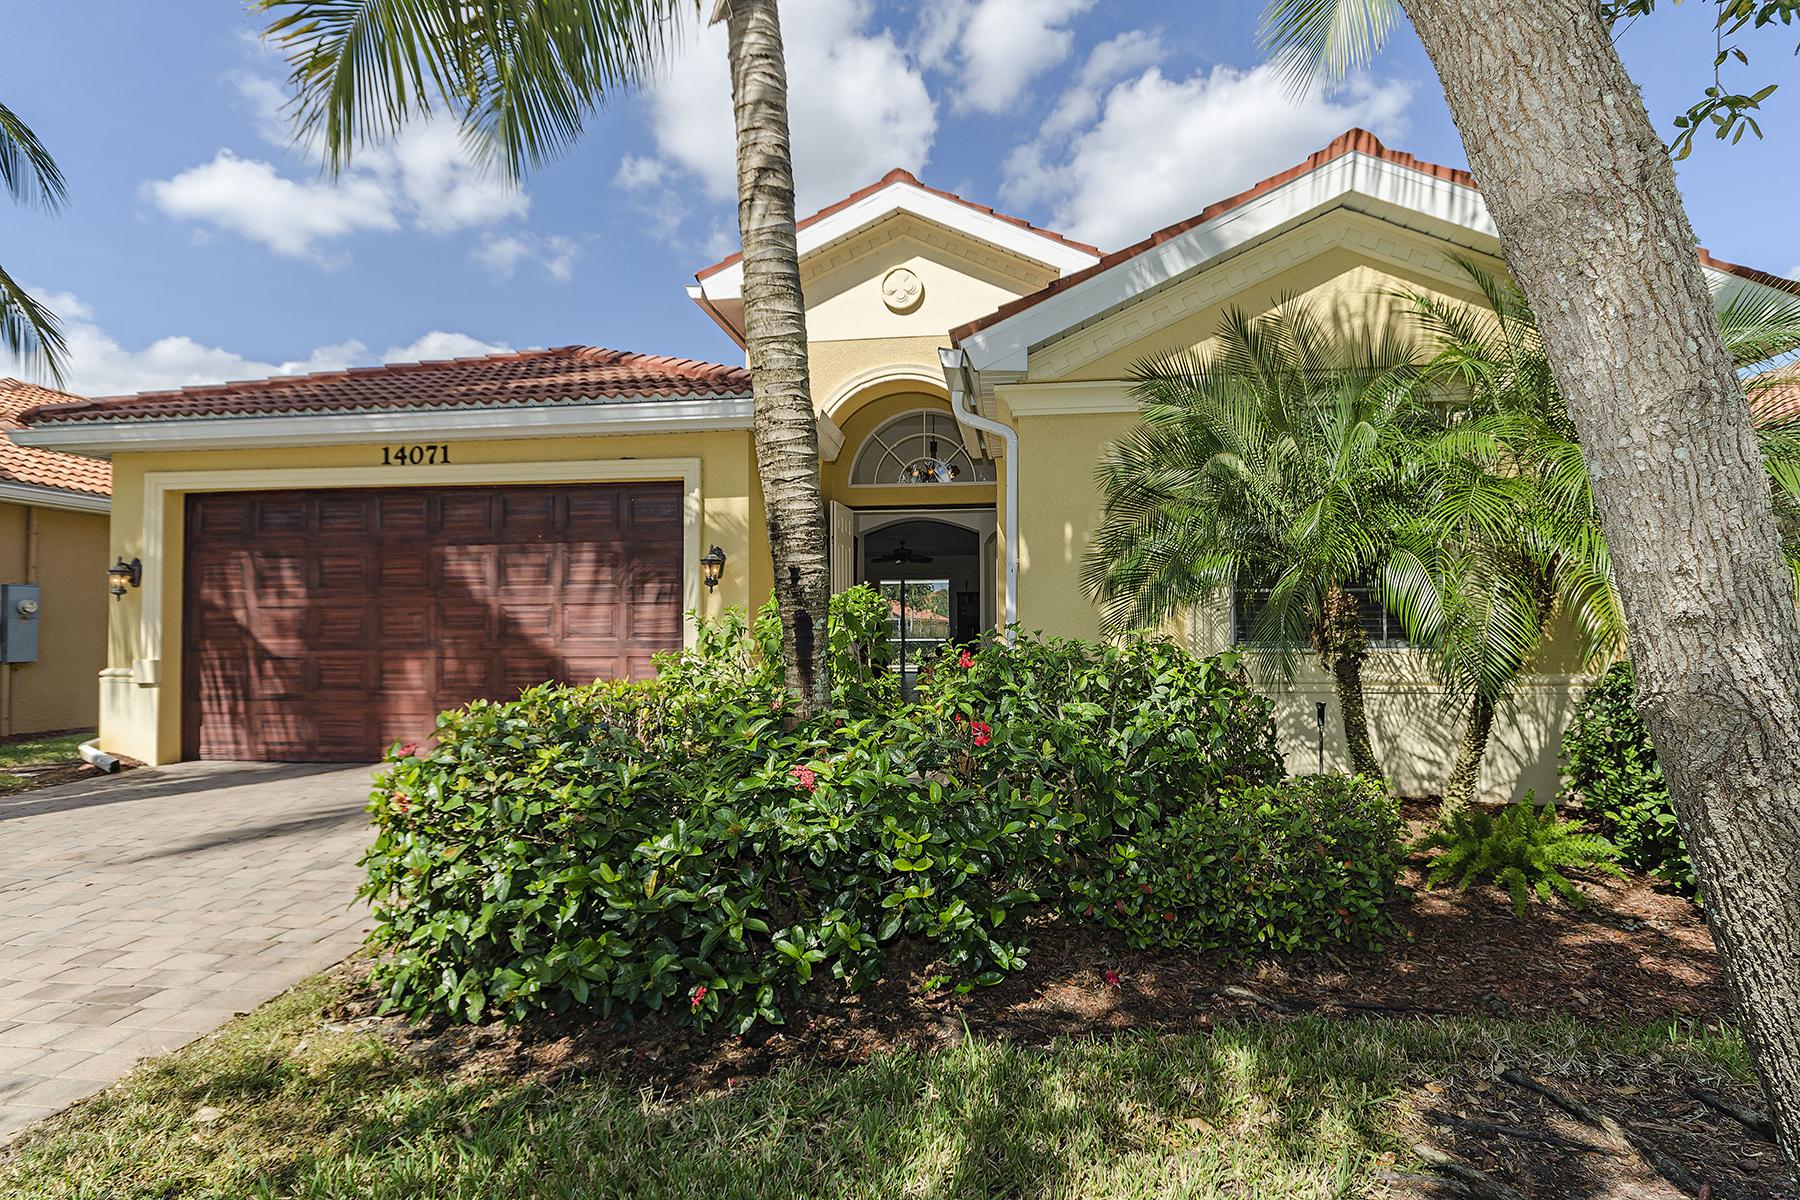 一戸建て のために 売買 アット REFLECTION LAKES 14071 Mirror Ct Naples, フロリダ, 34114 アメリカ合衆国